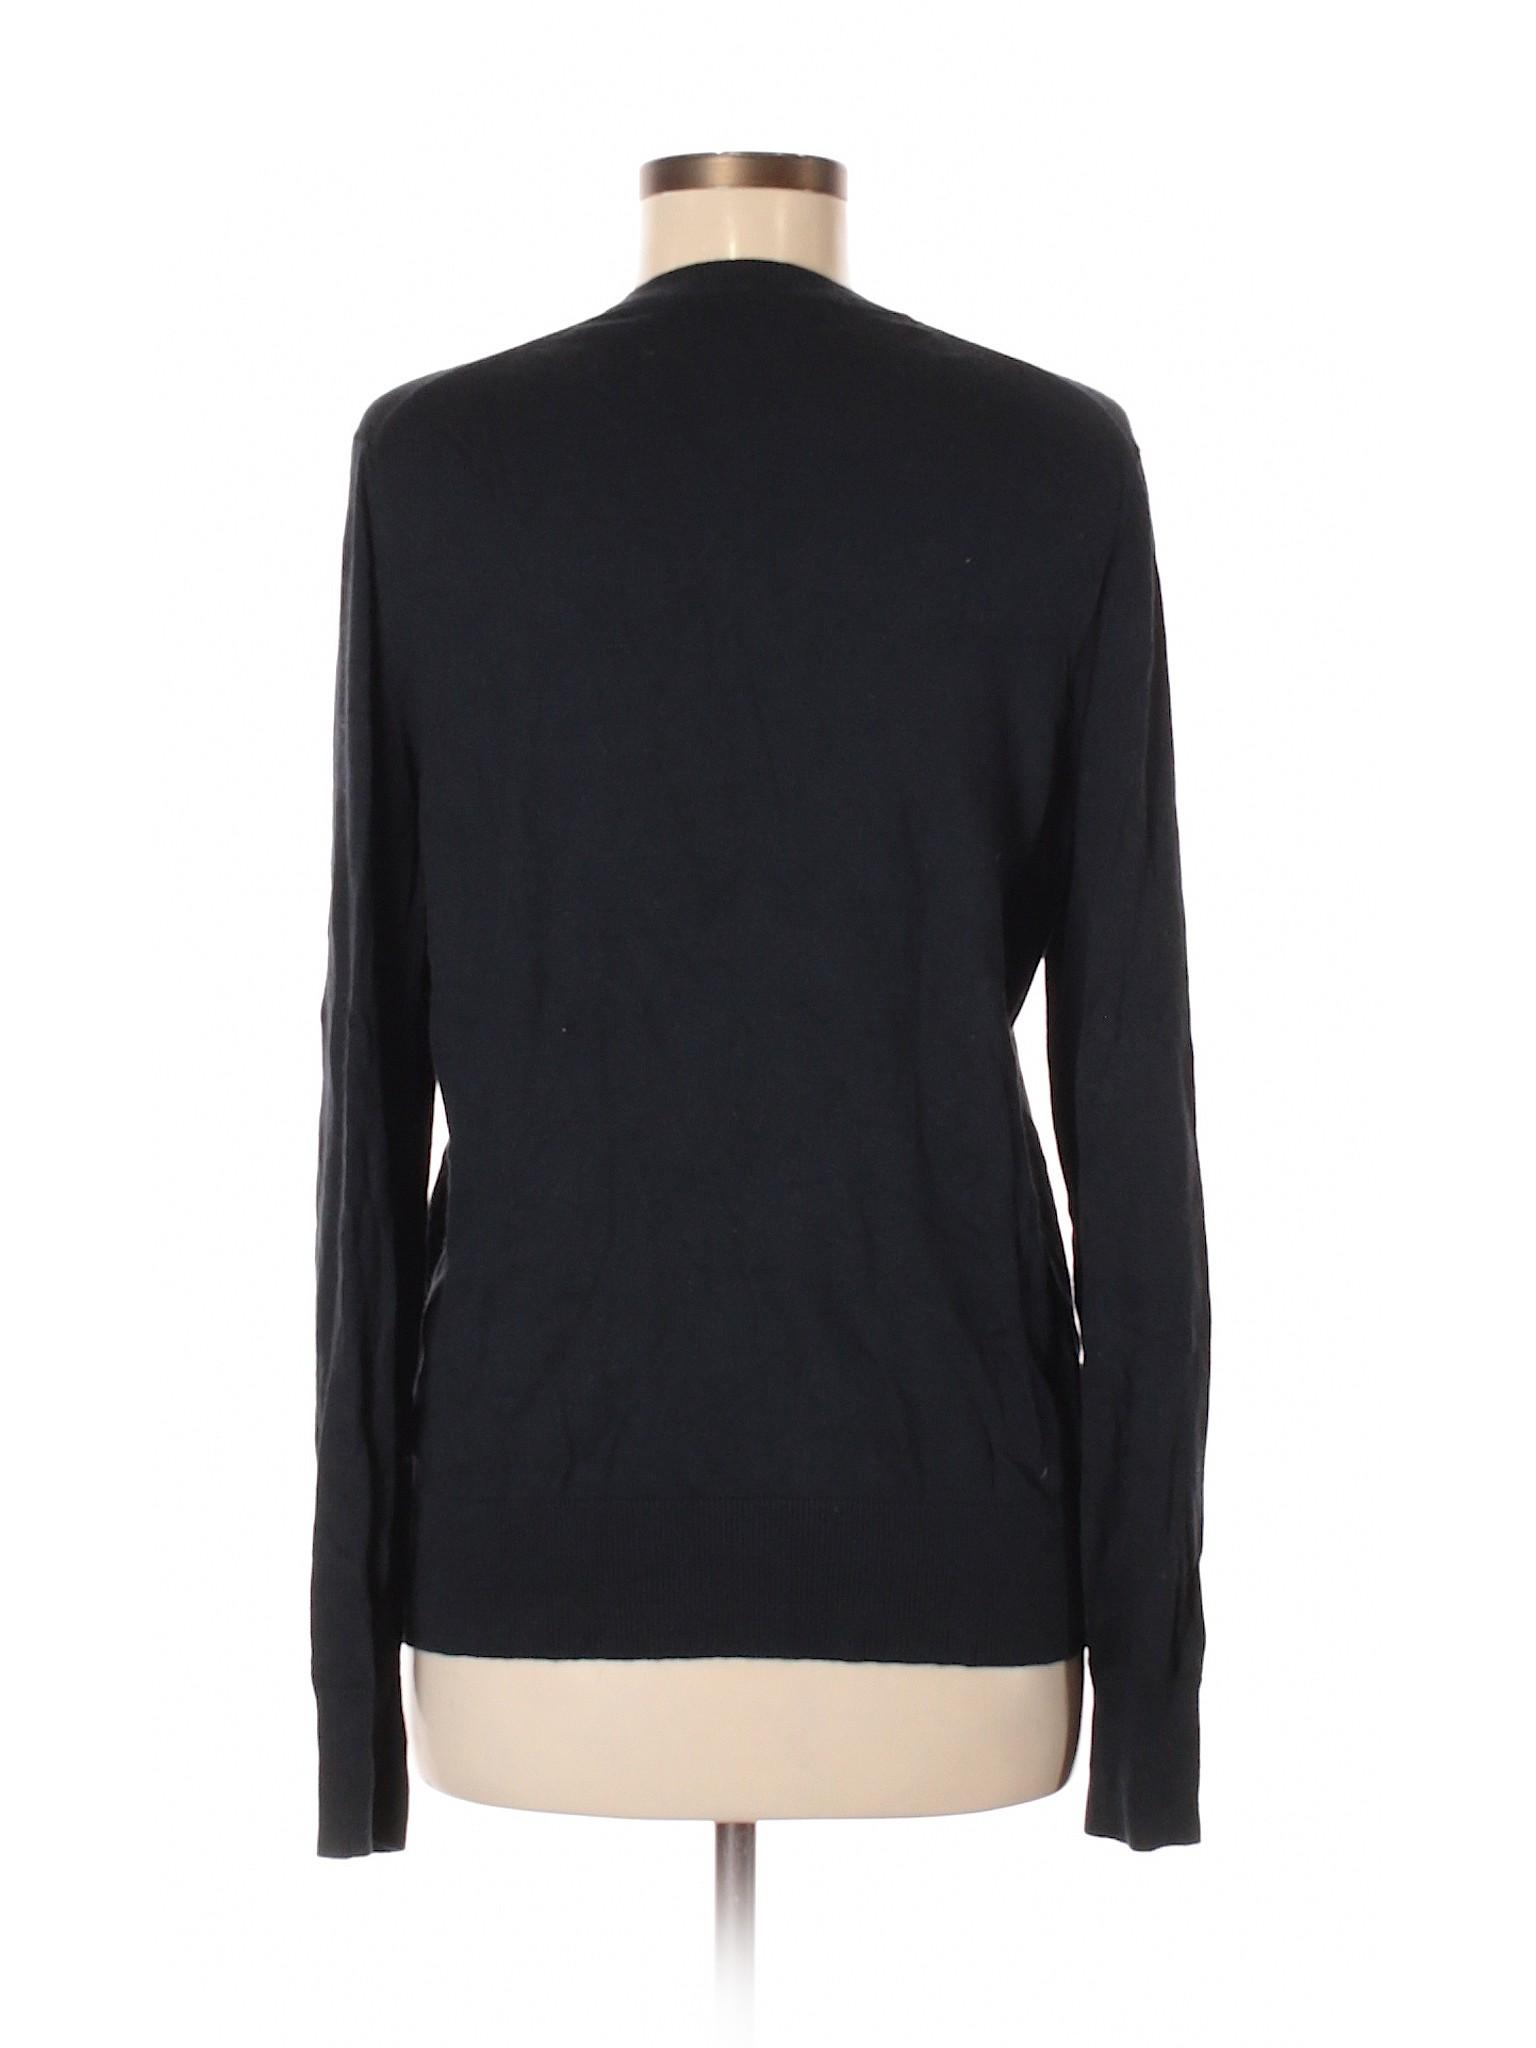 Pullover Boutique Banana winter Sweater Republic Silk x6I4Hr6q